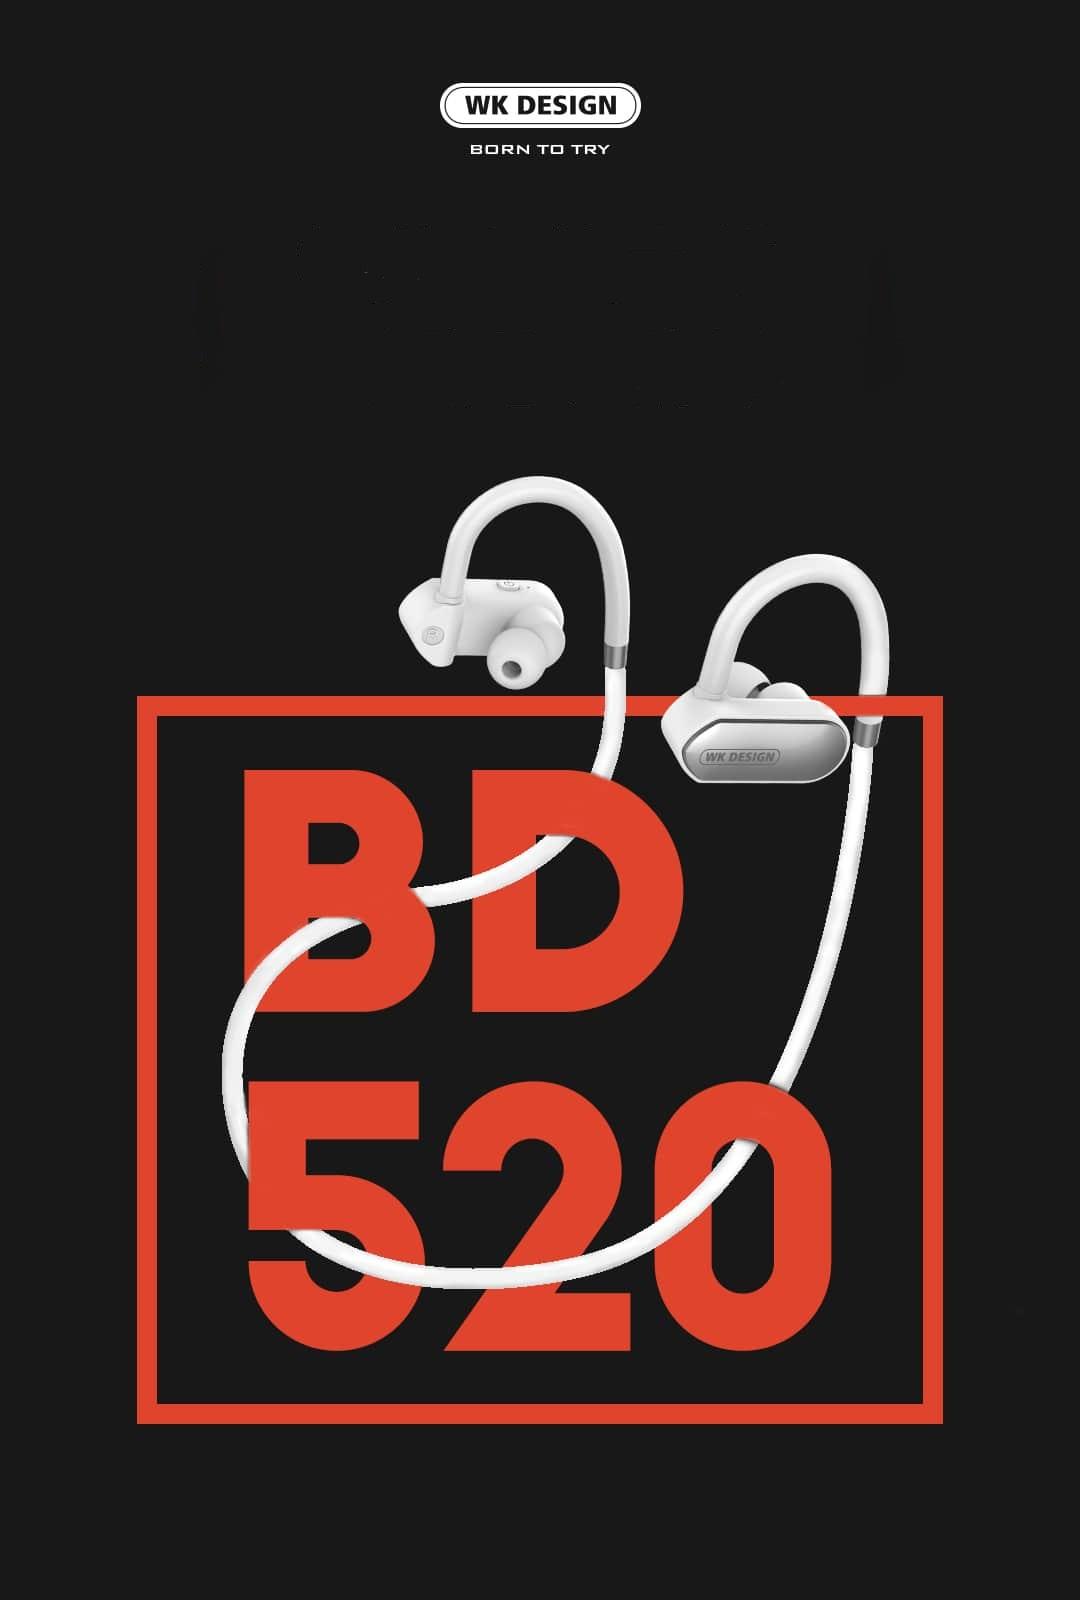 هدست بلوتوث WK BD550